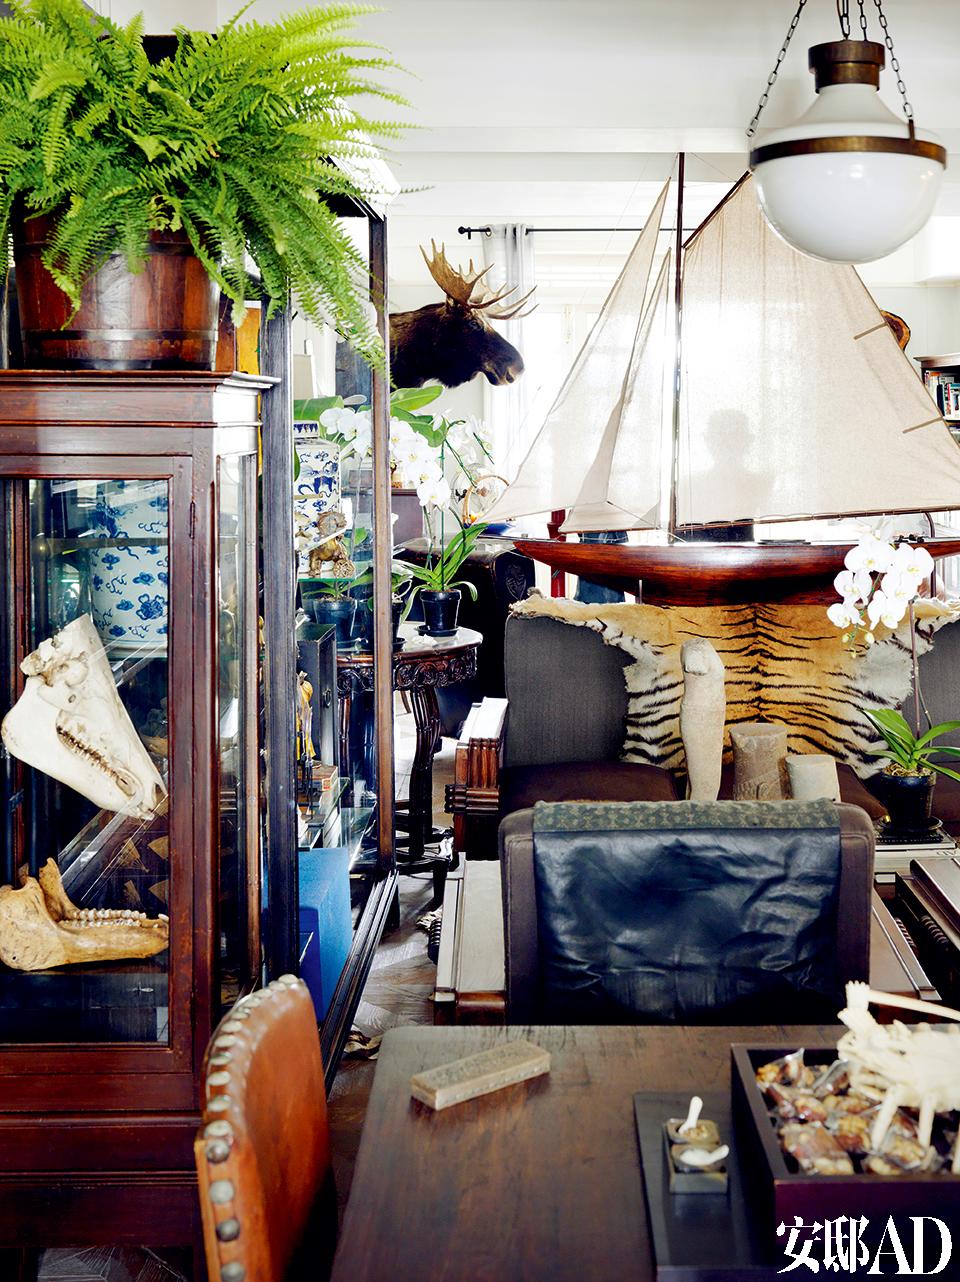 客厅的另一侧,摆满了各式宝物,叶裕清钟爱动物标本,其沙发上的老虎皮是友人吴宝先生所赠。